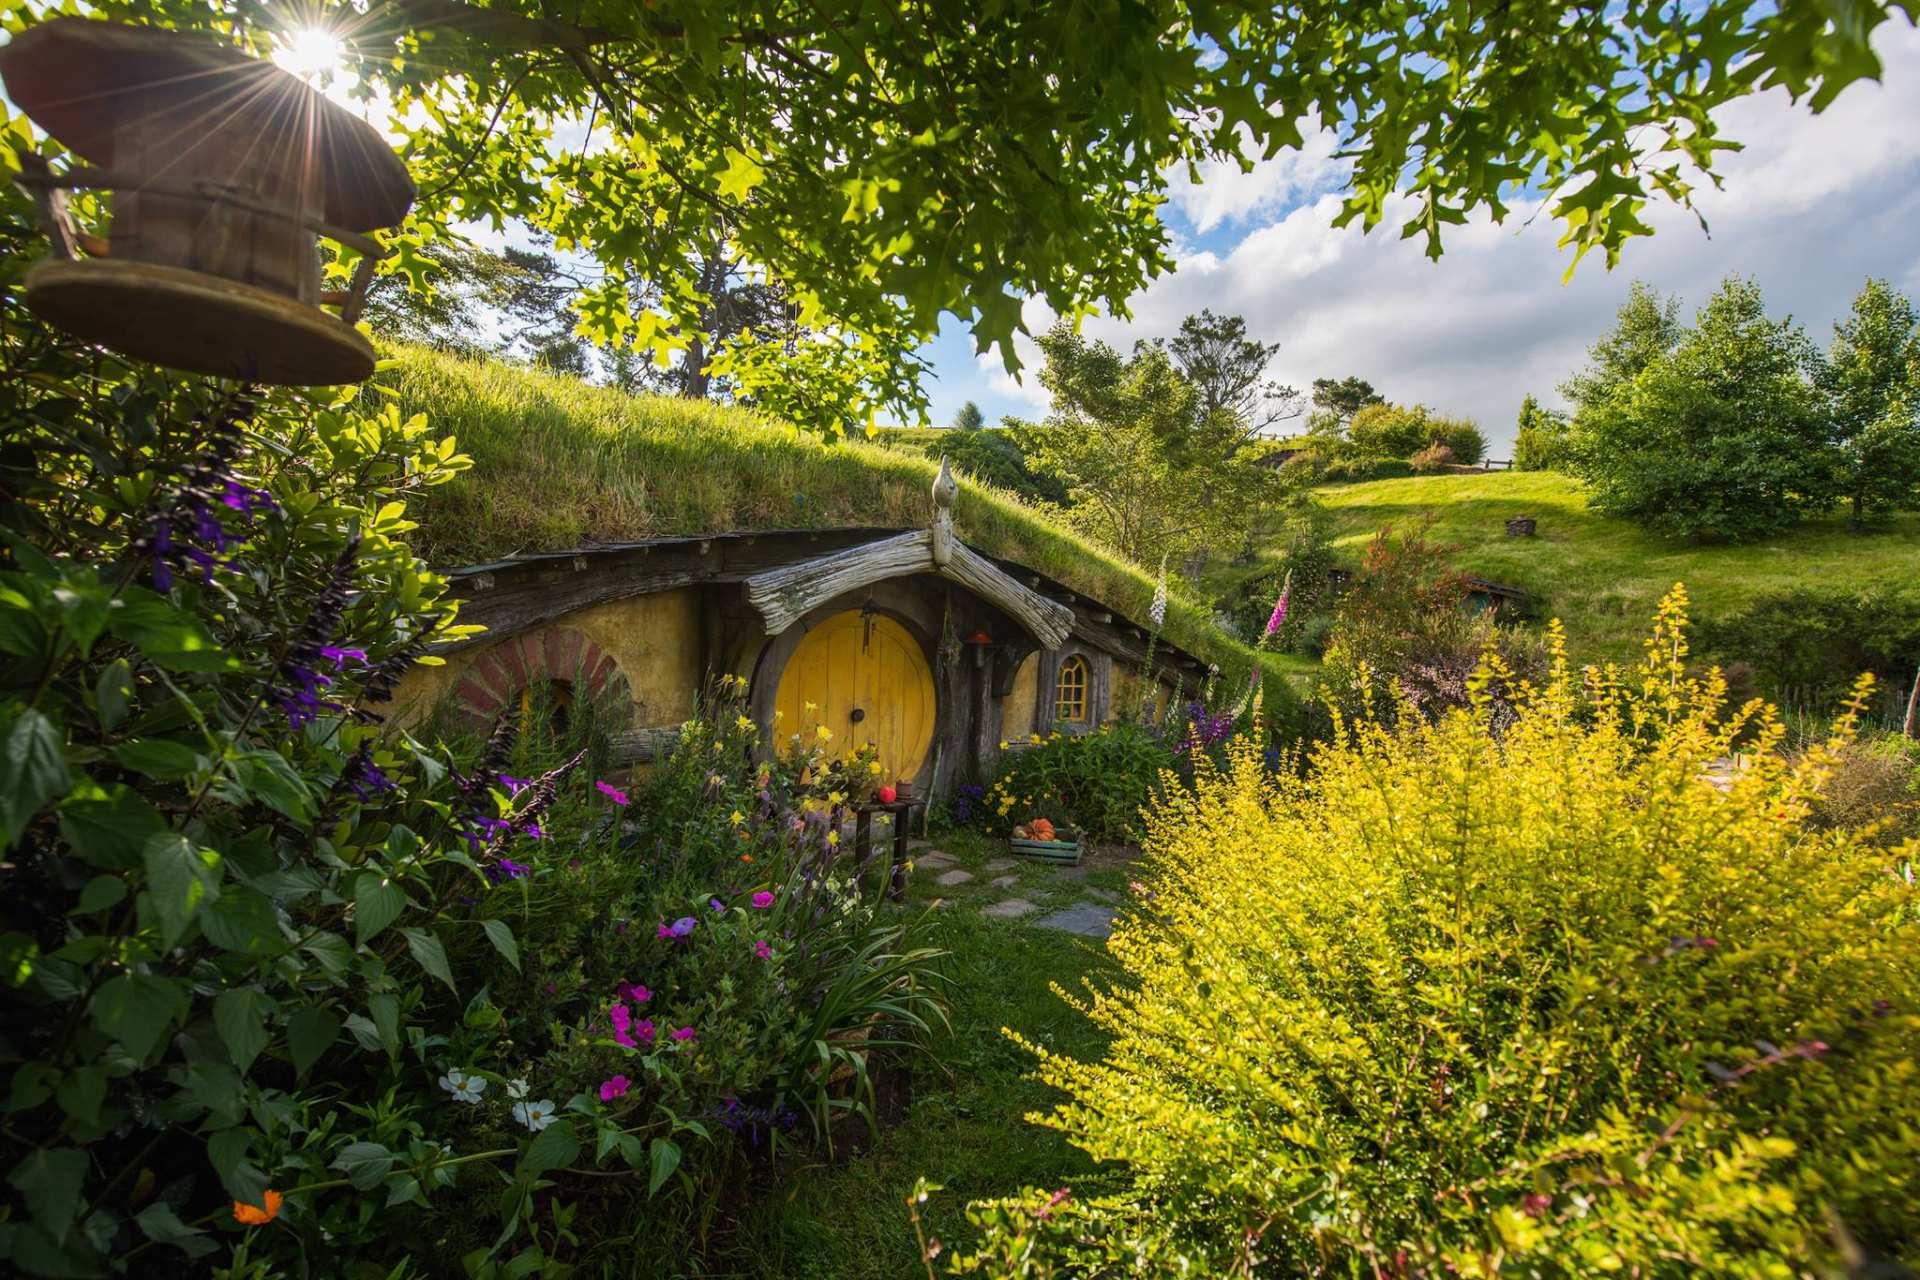 【紐西蘭北島必去景點】《魔戒》哈比村門票 (Hobbiton)